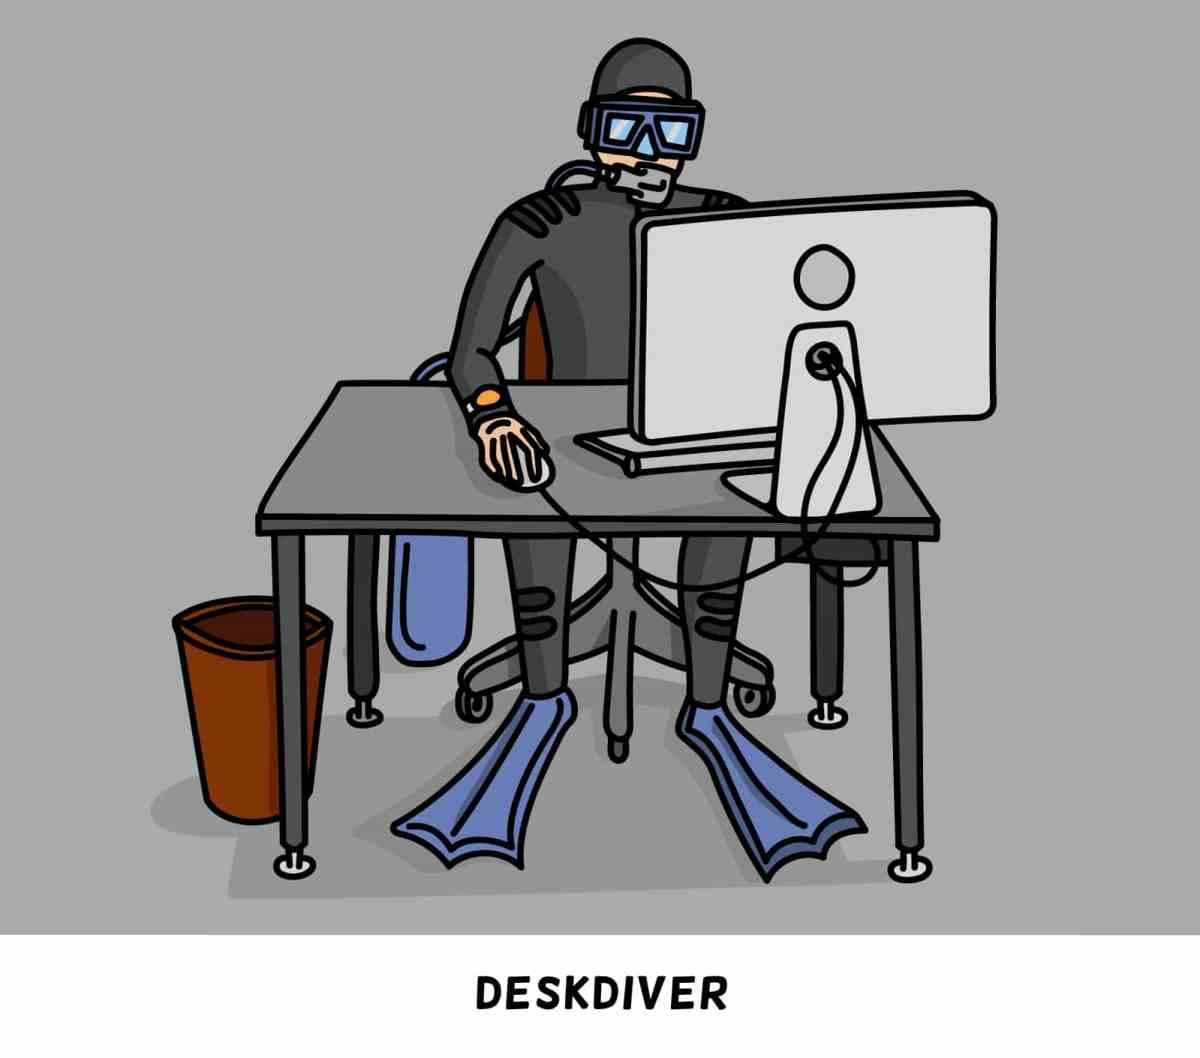 DeskDiver